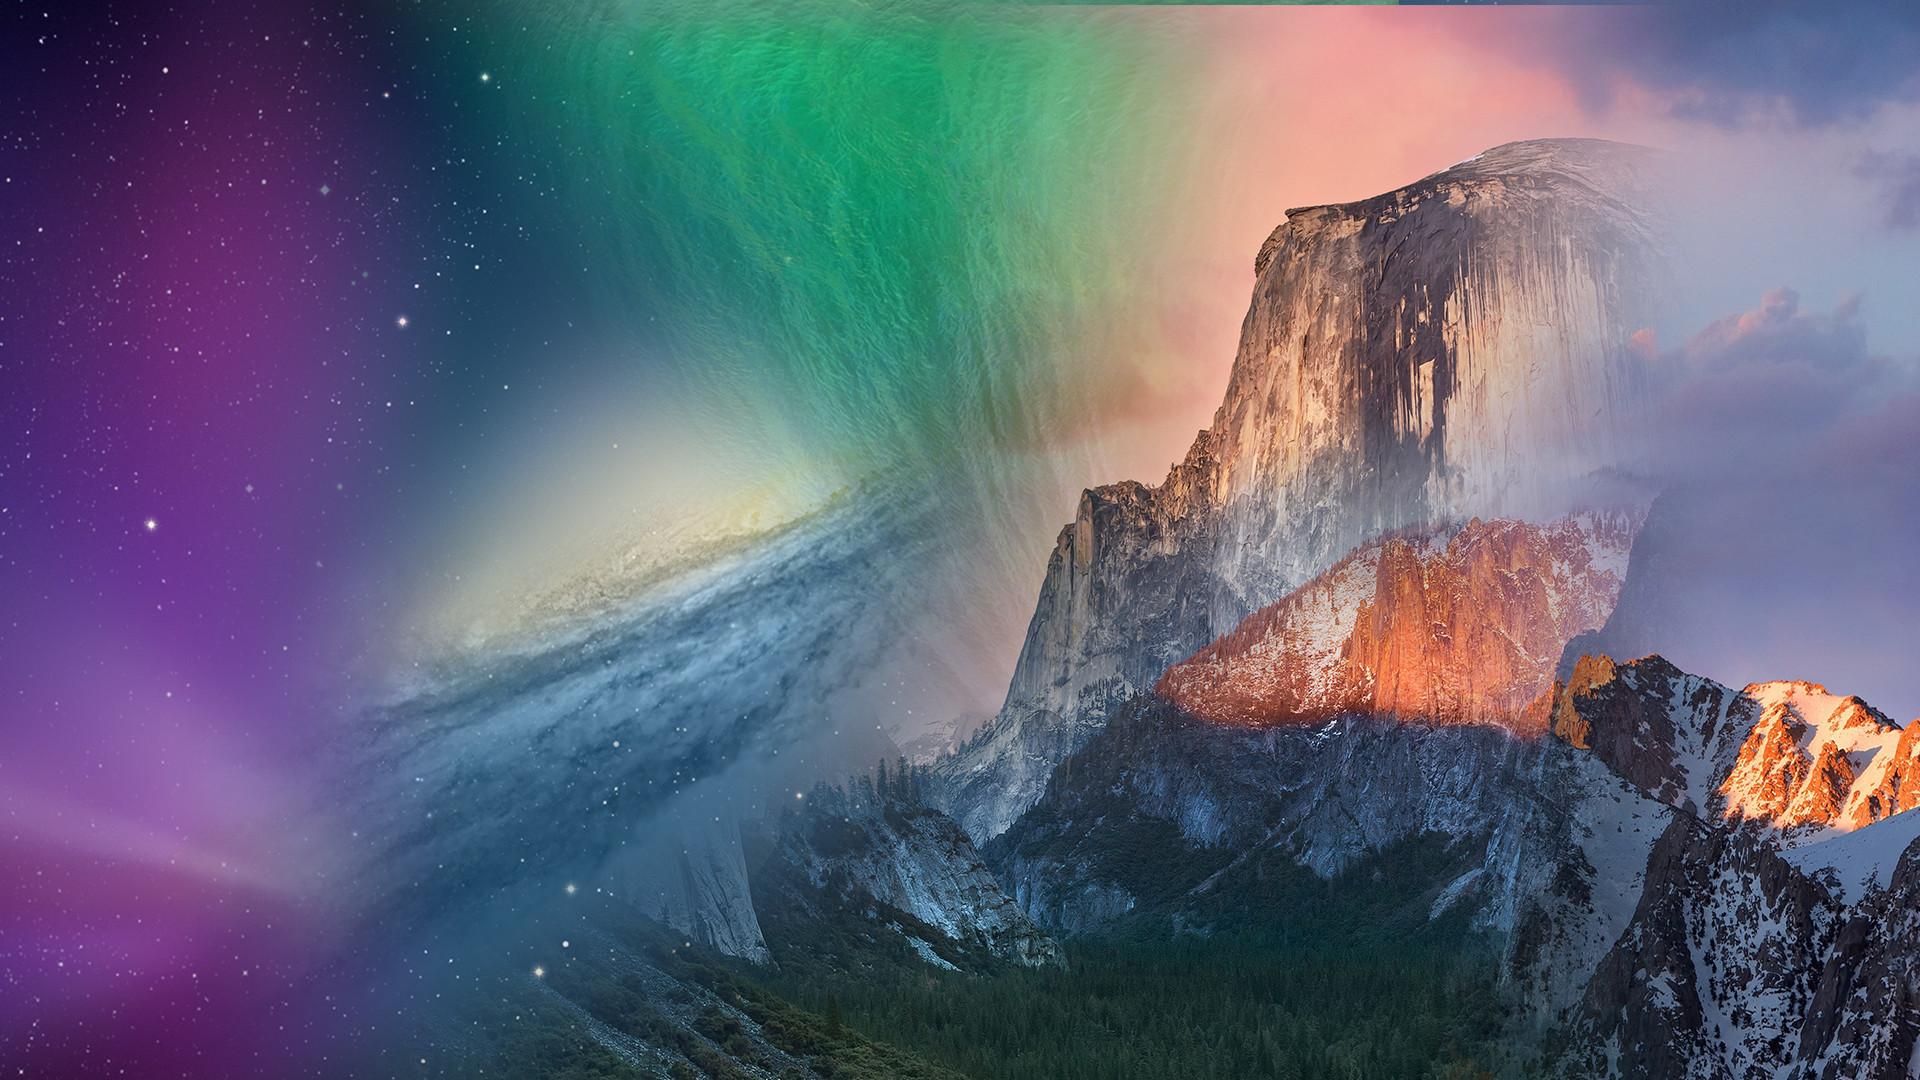 Mac Default Wallpaper 64 Images